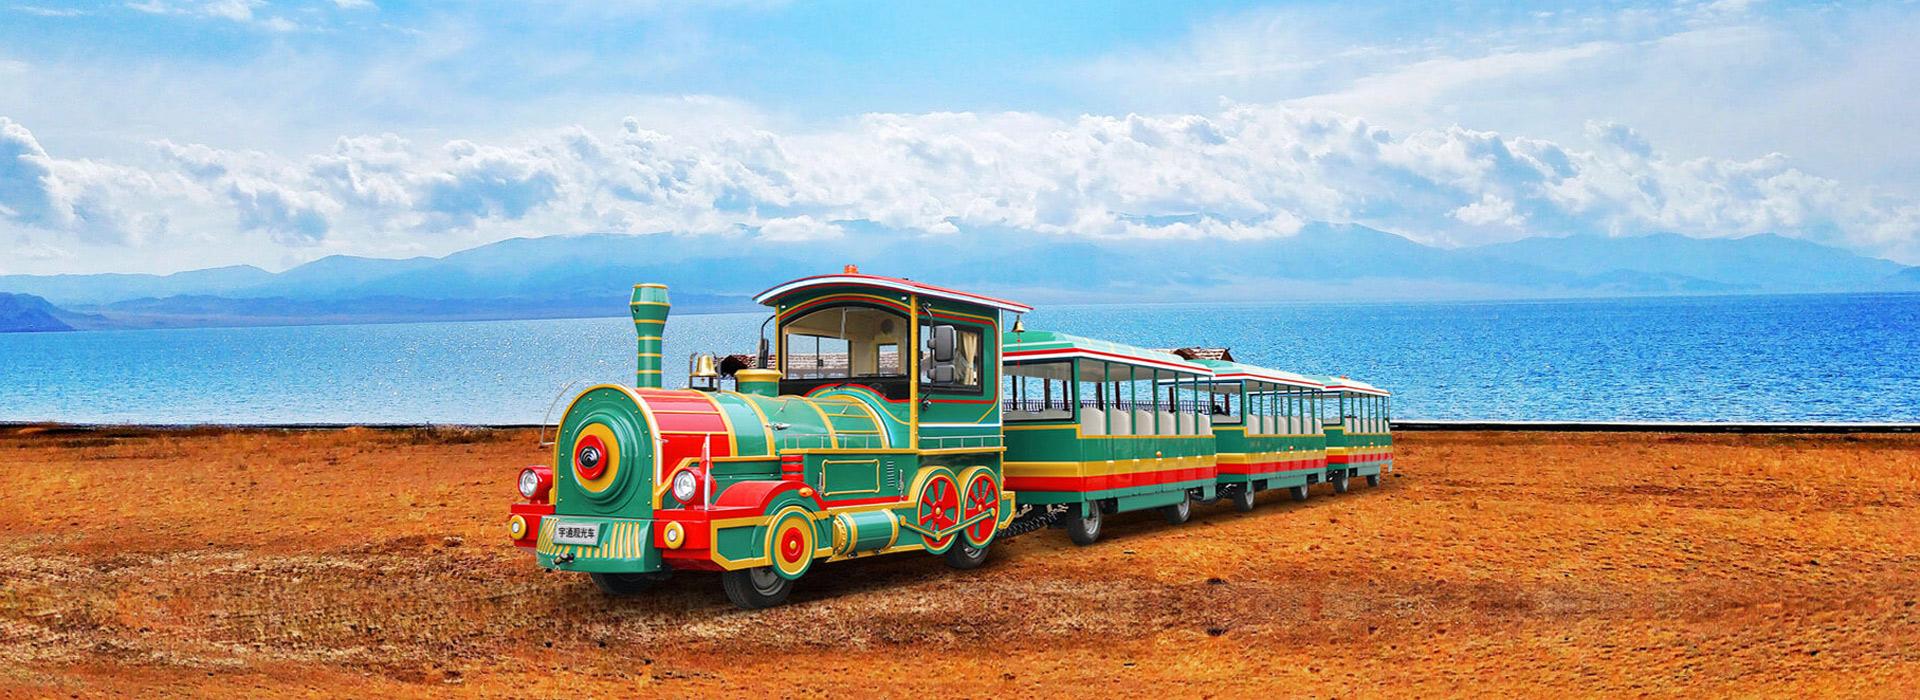 ZKGLDTT 5观光列车